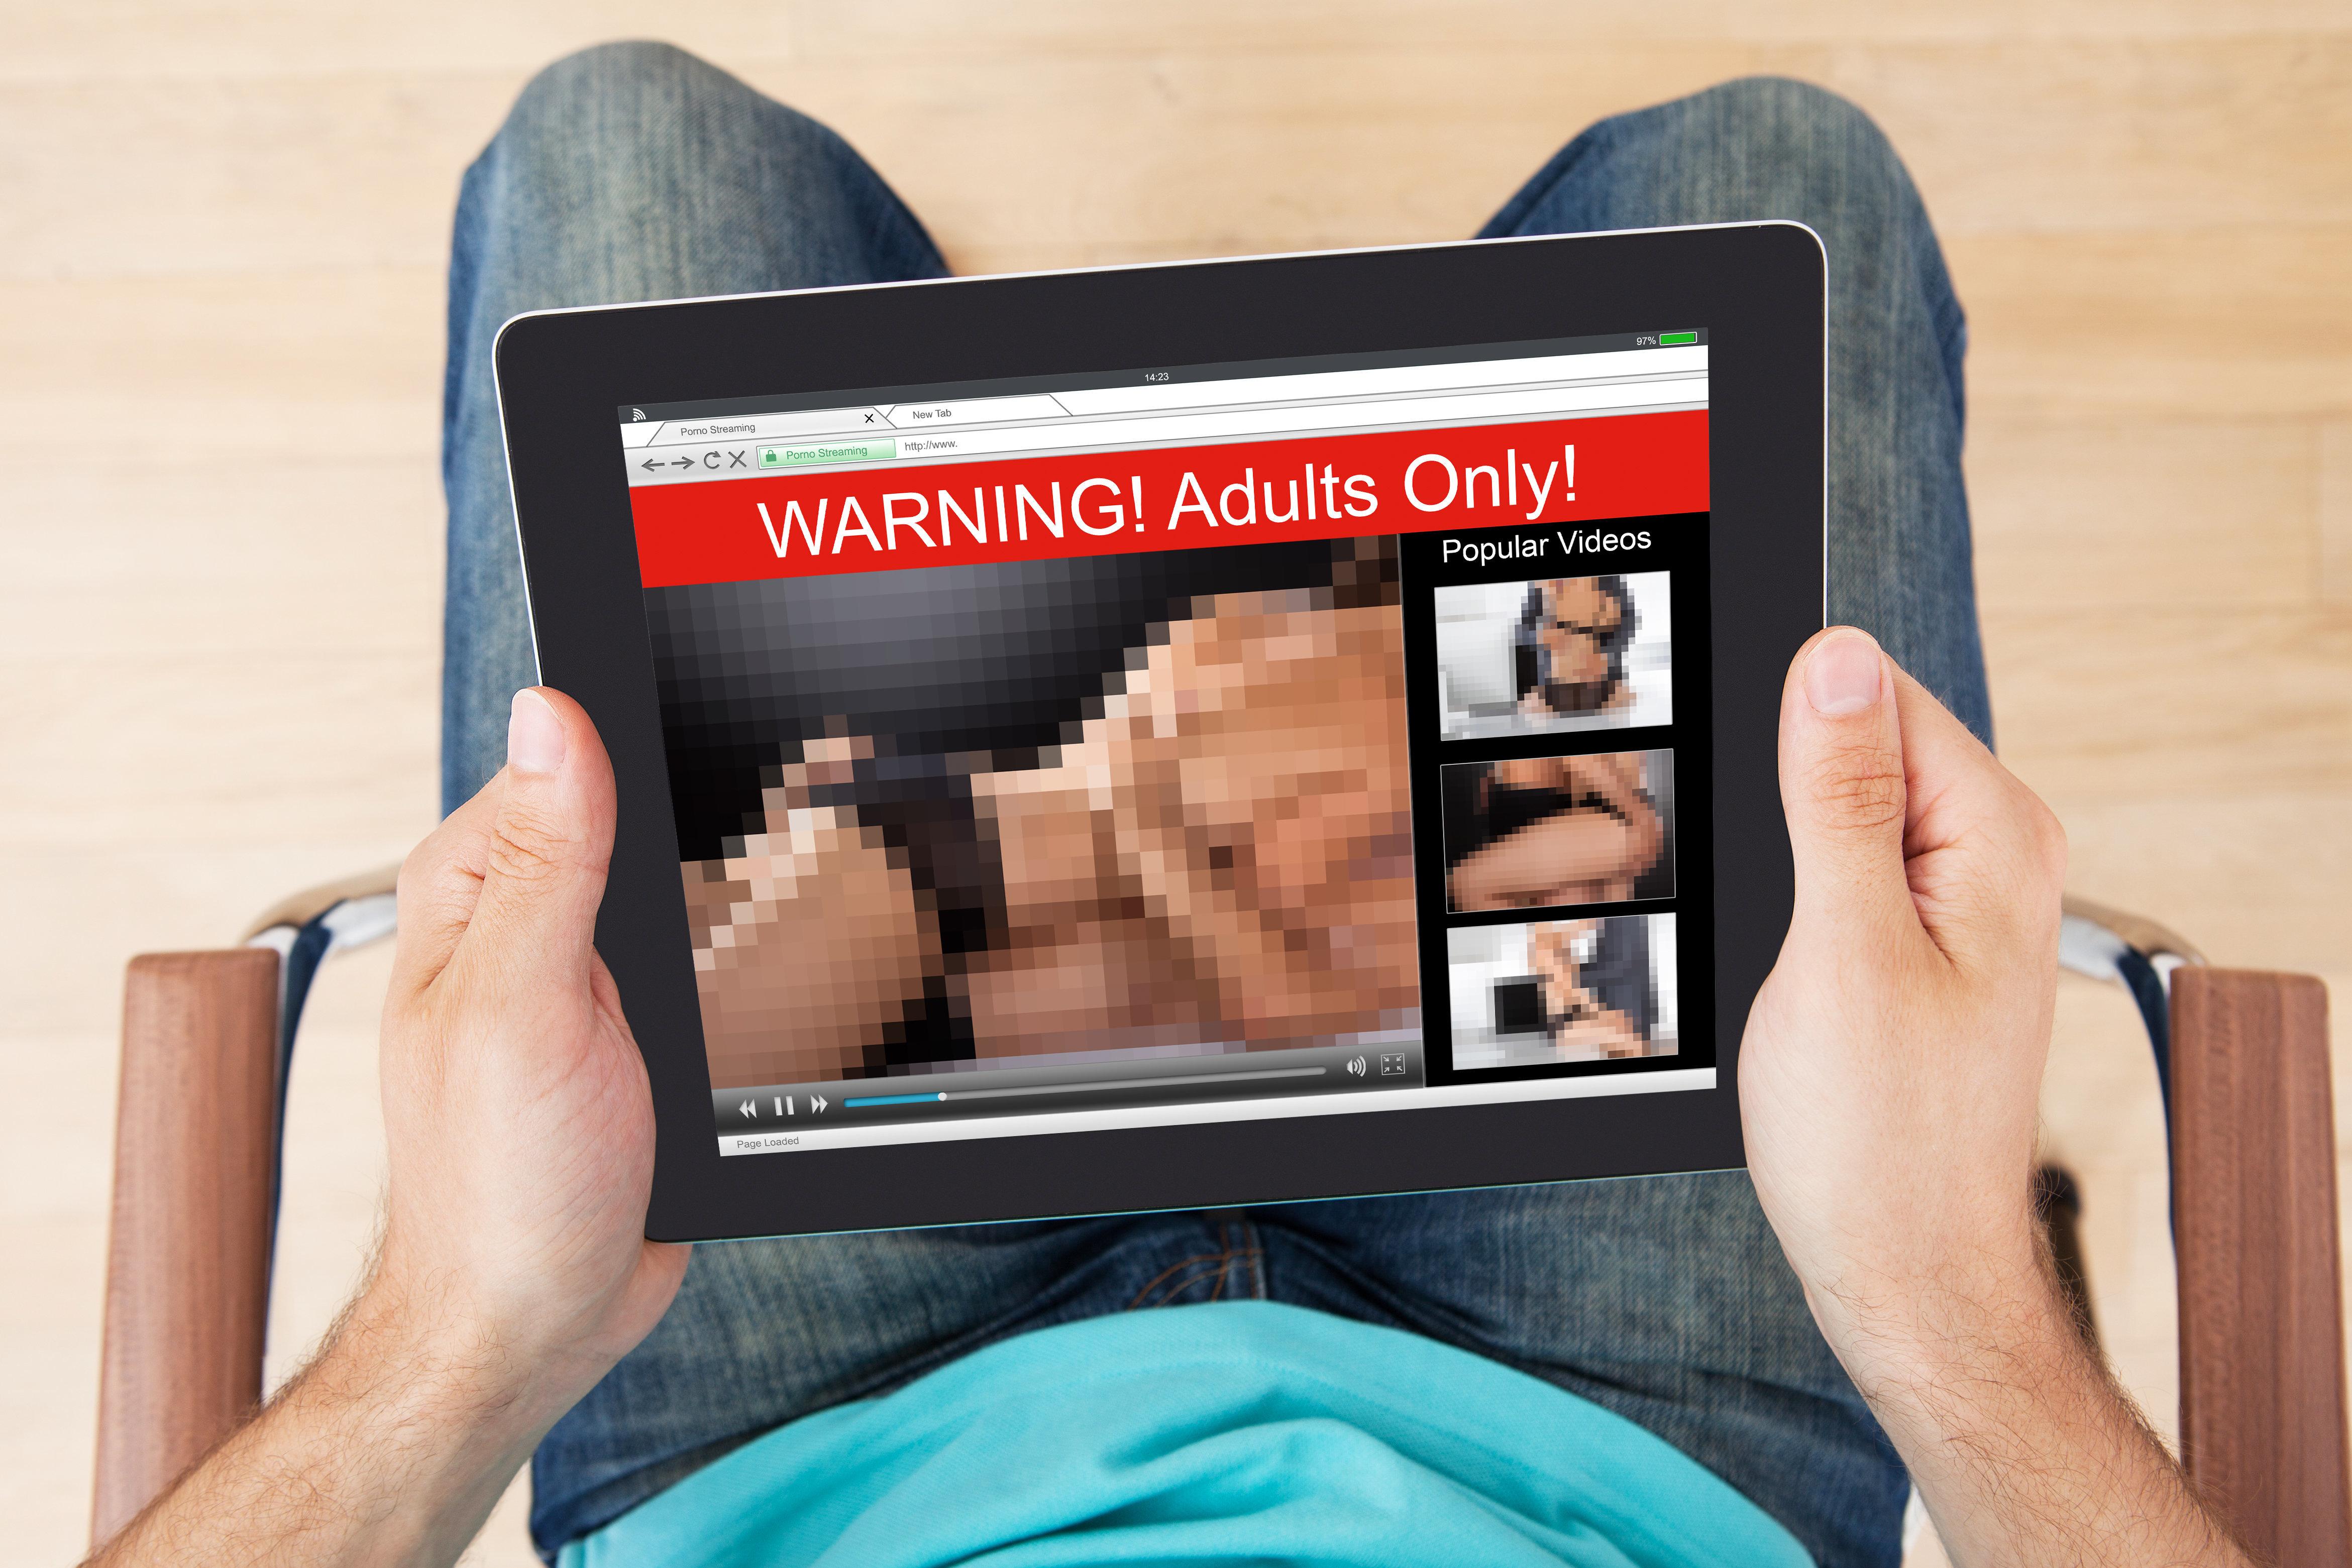 Ασυνήθιστη διαδήλωση: Η Βρετανία λογοκρίνει τις βιτσιόζικες ταινίες πορνό [εικόνες] | iefimerida.